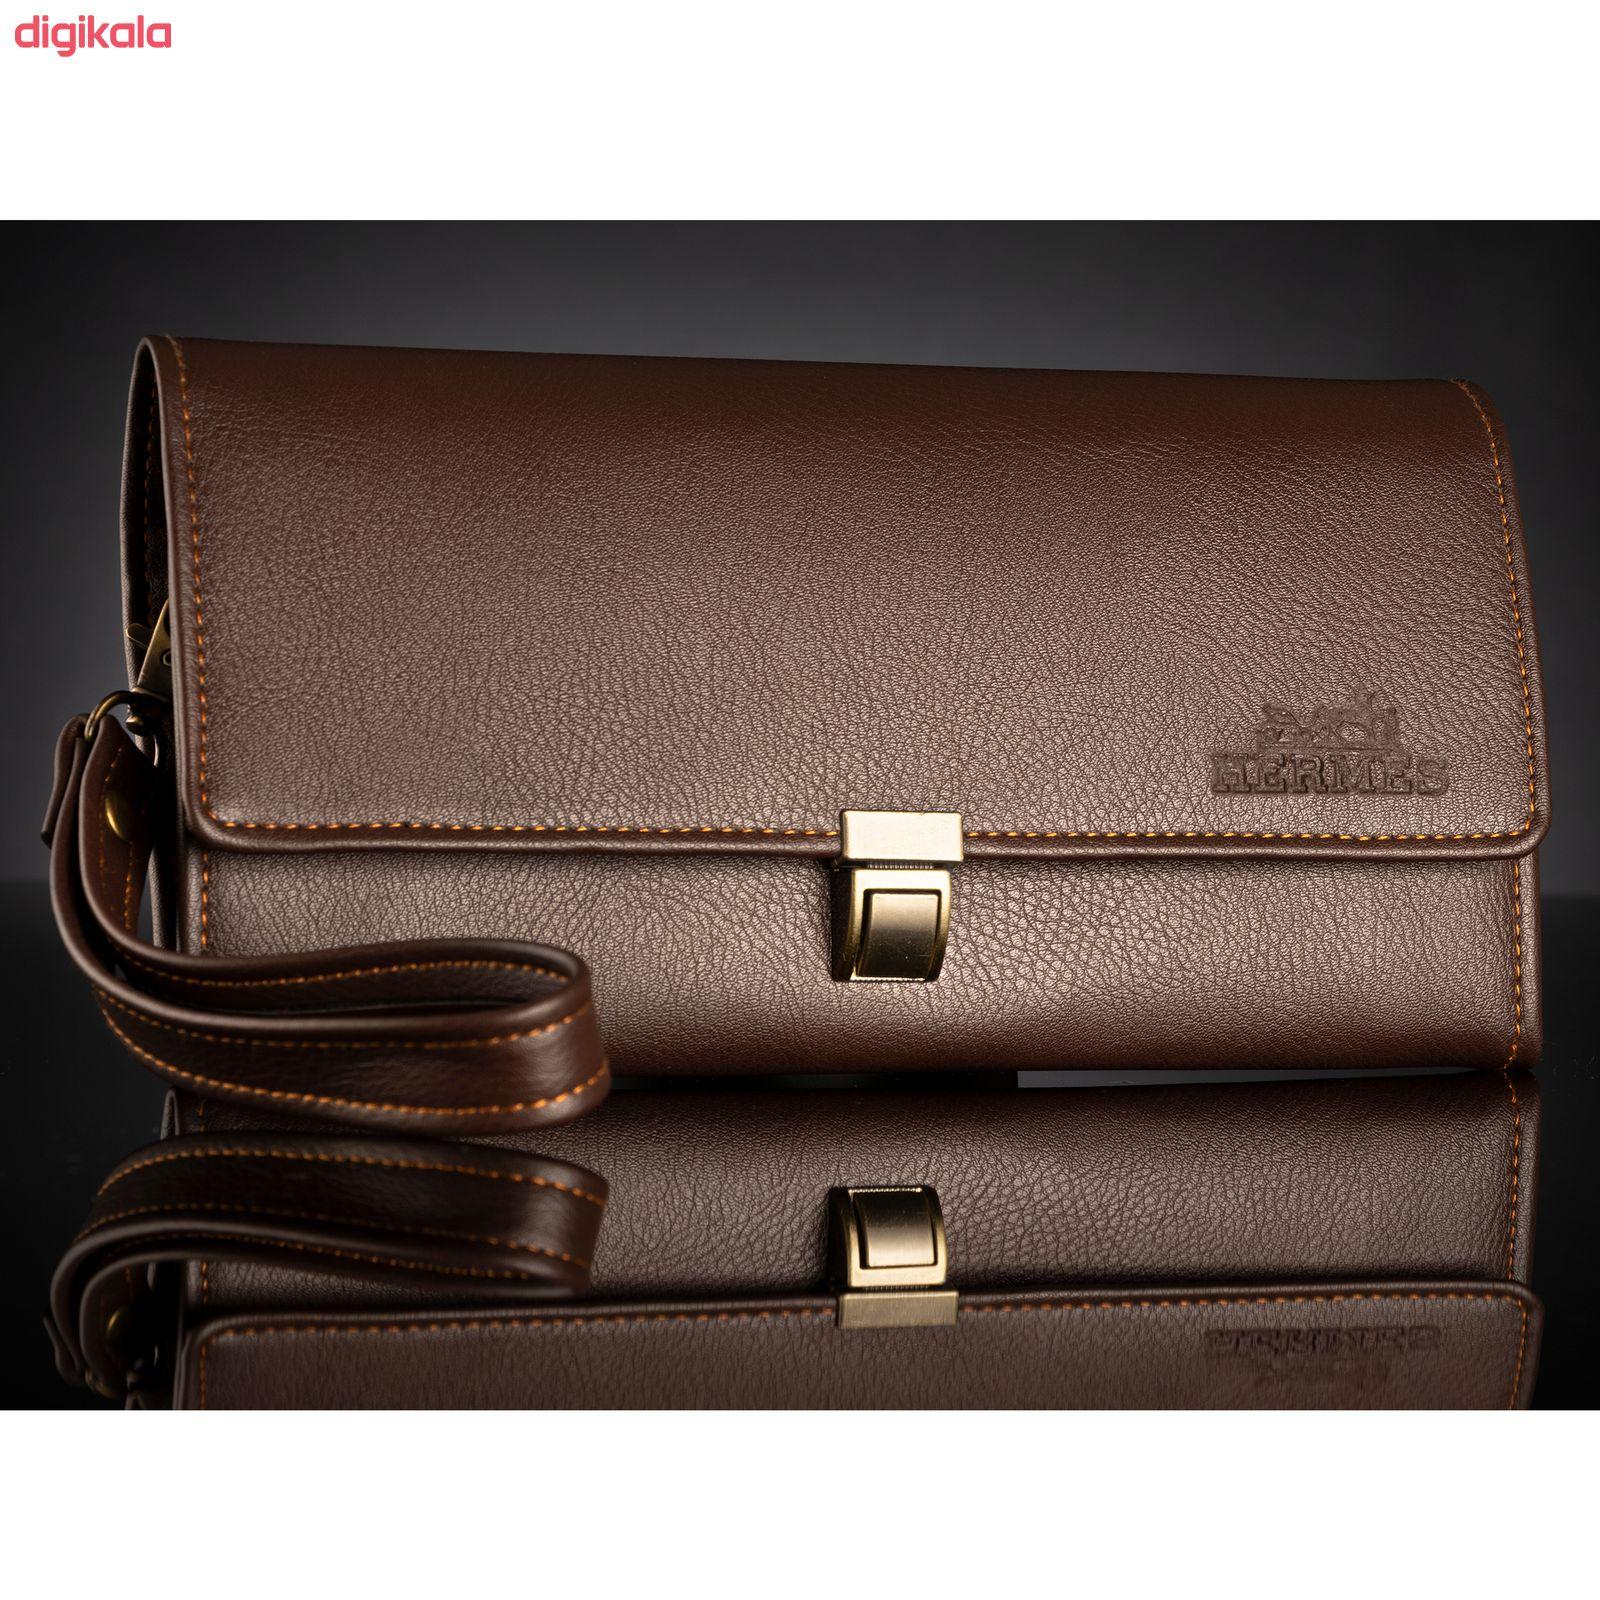 کیف دستی مردانه مدل001 main 1 3